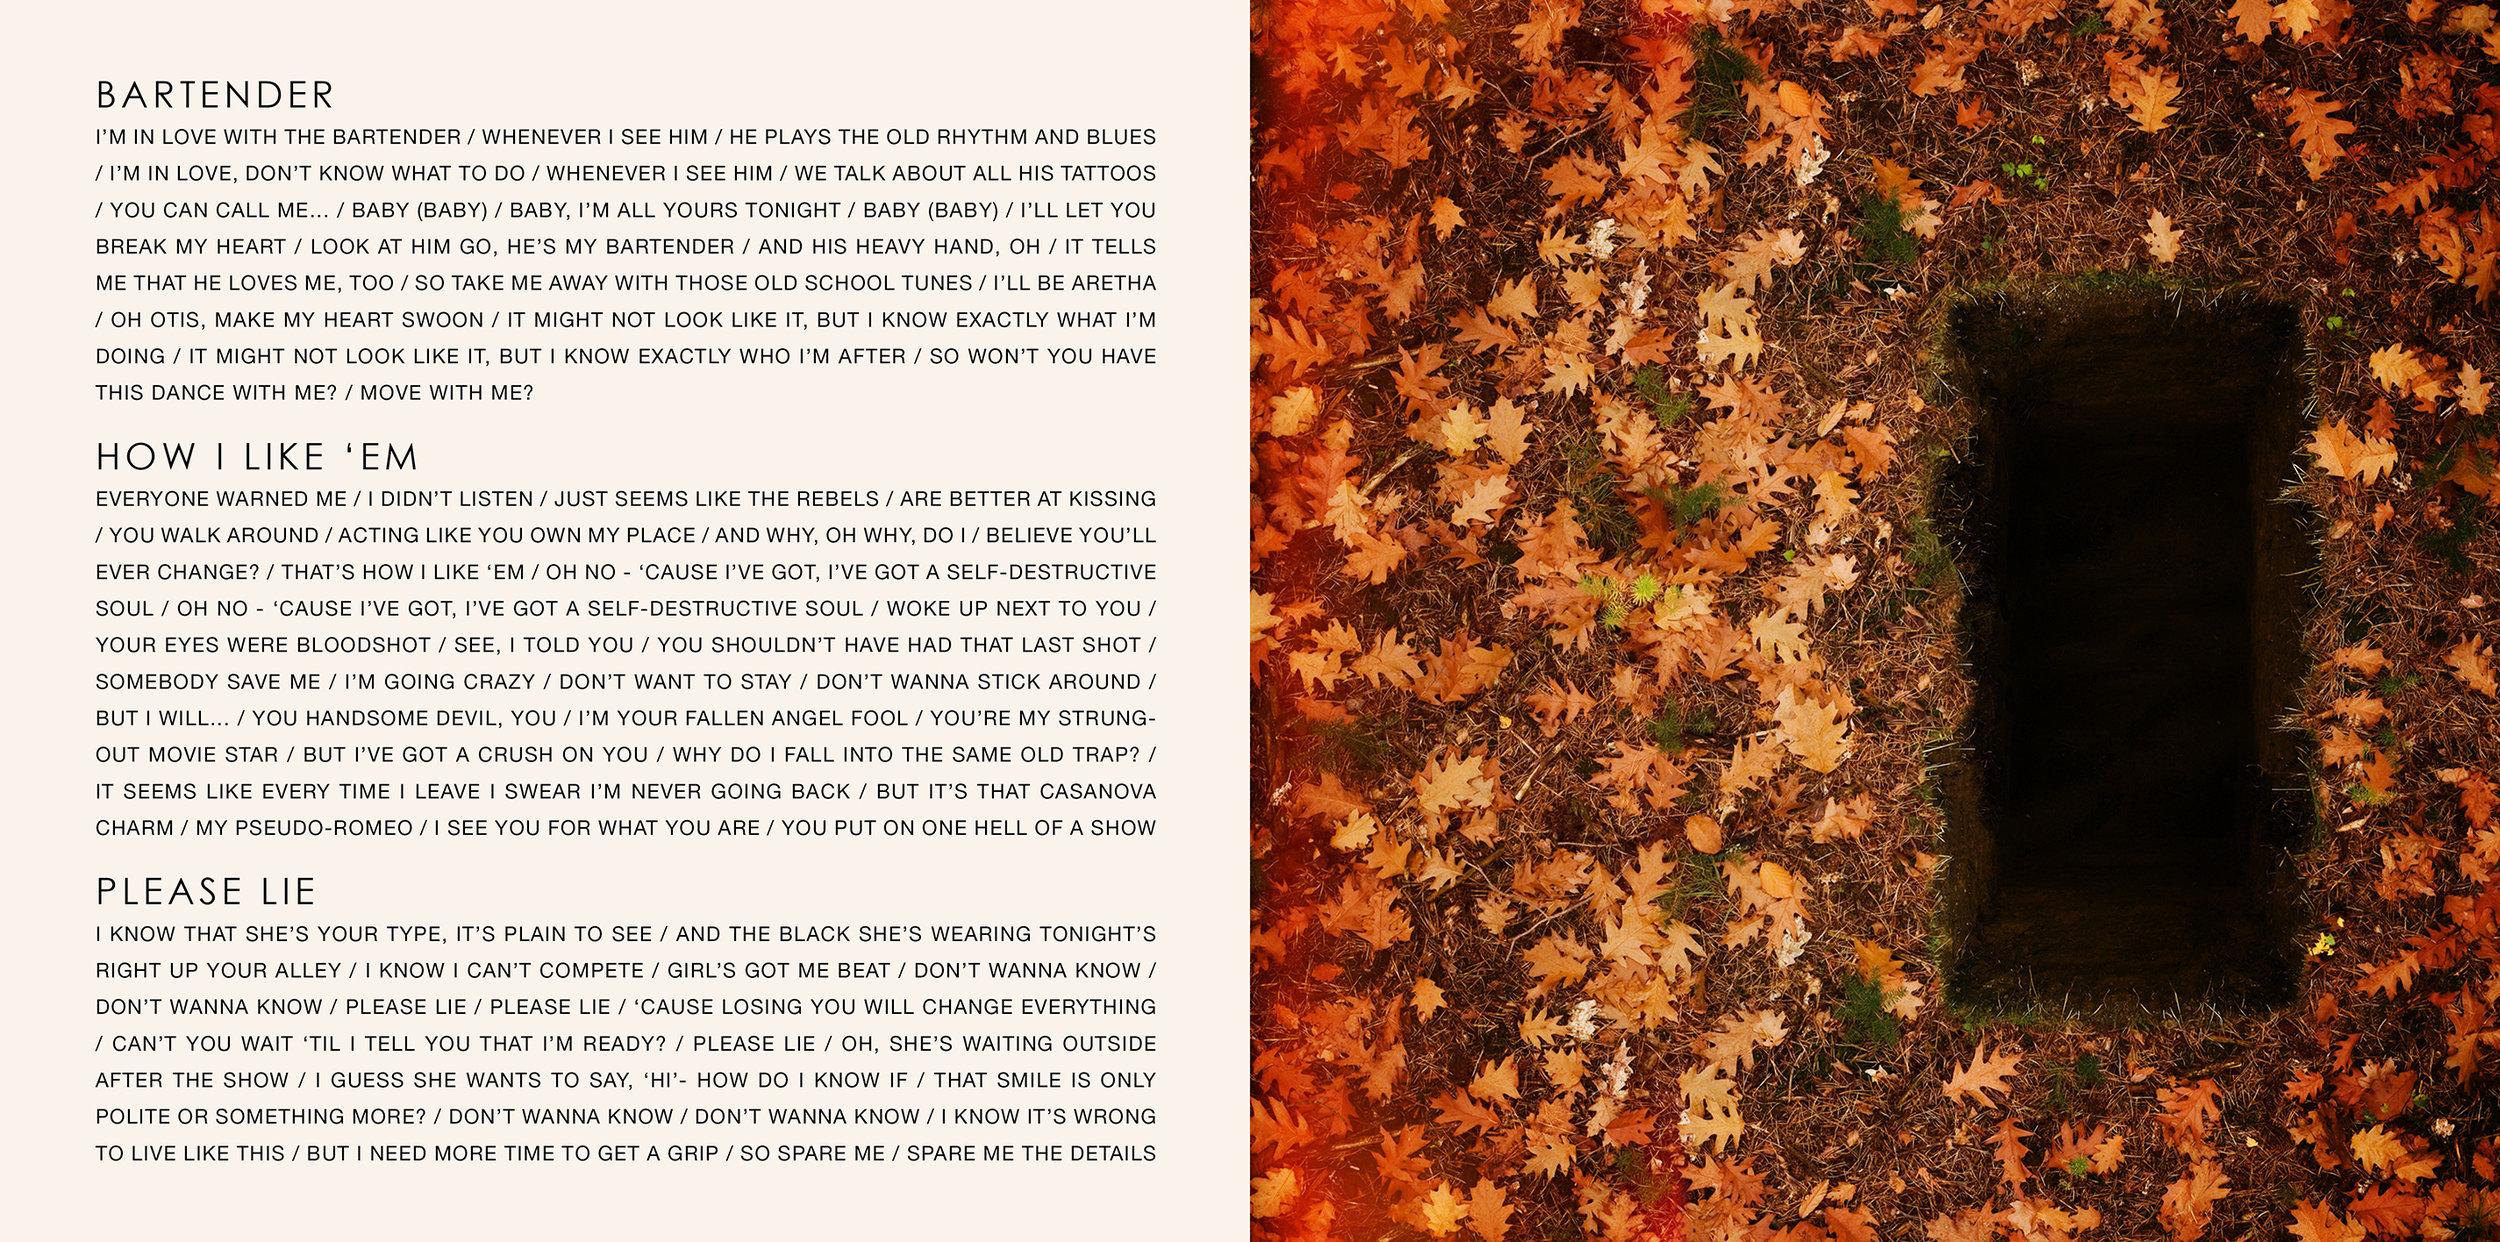 booklet92.jpg